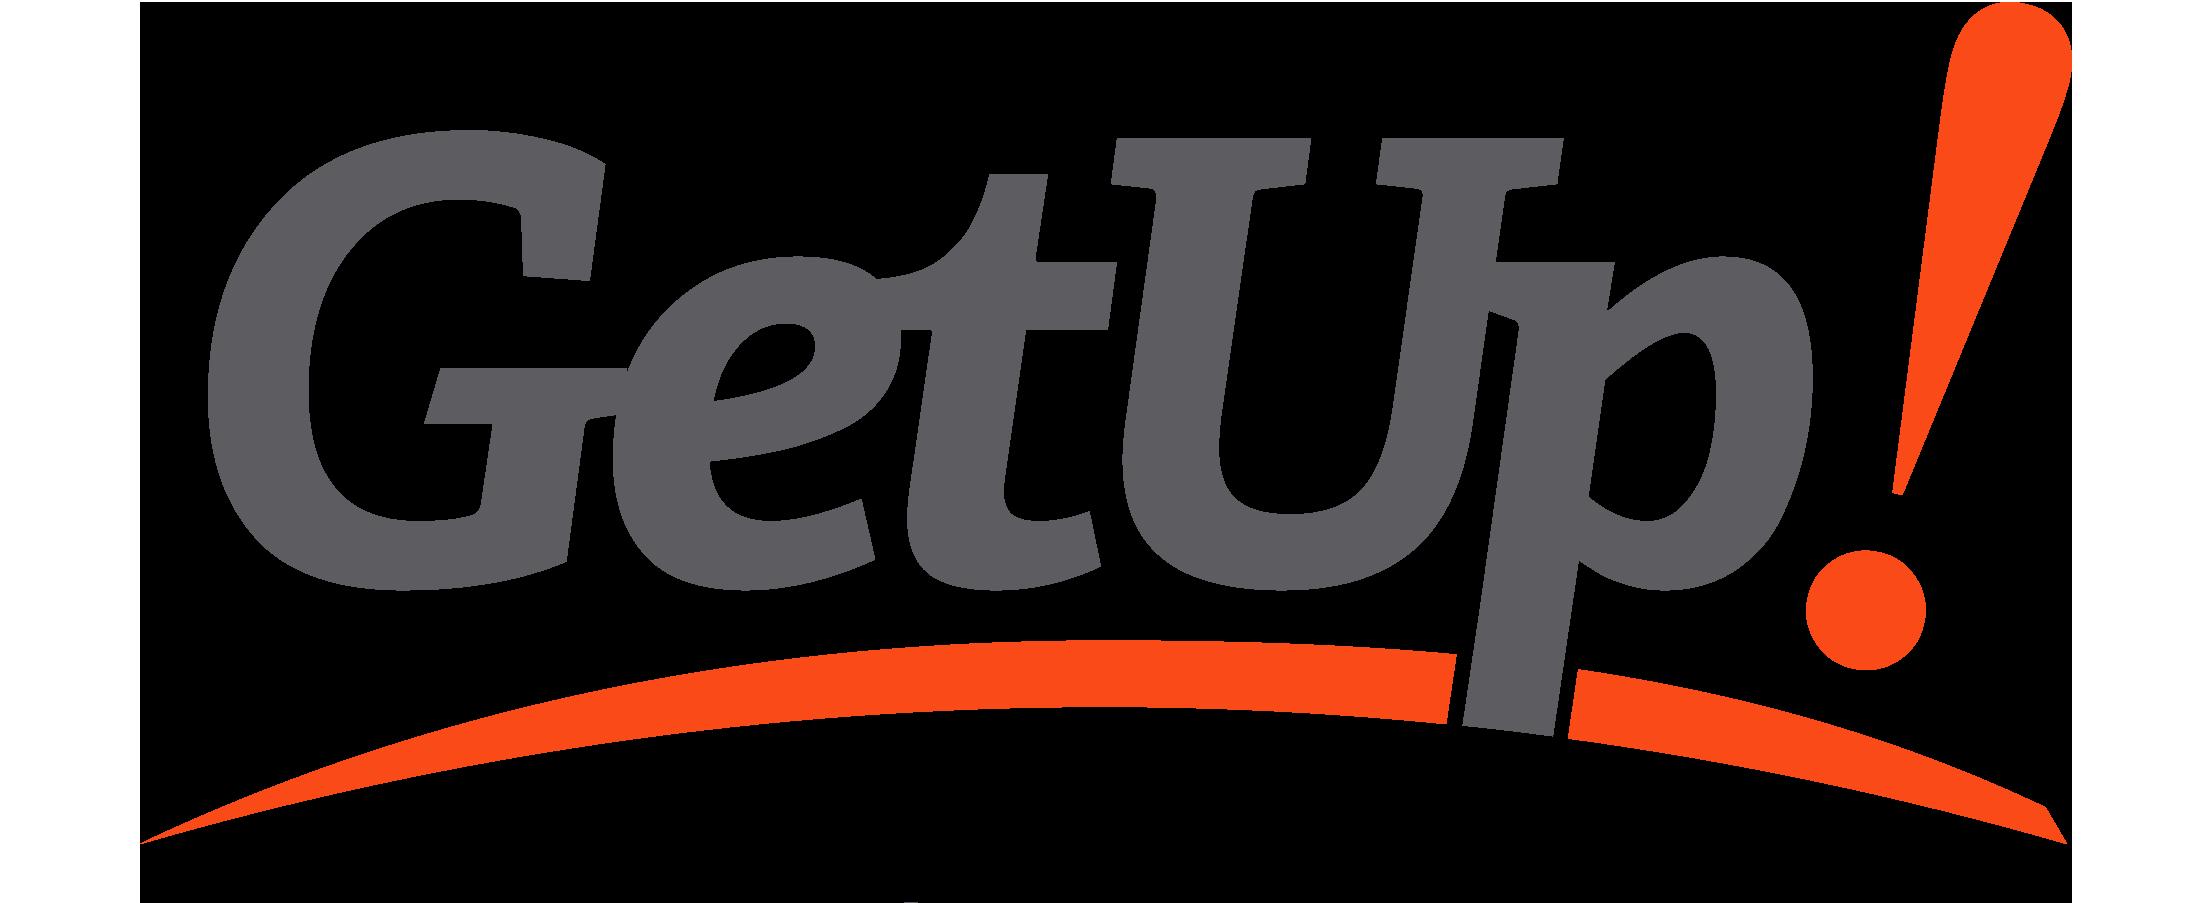 https://www.getup.org.au/